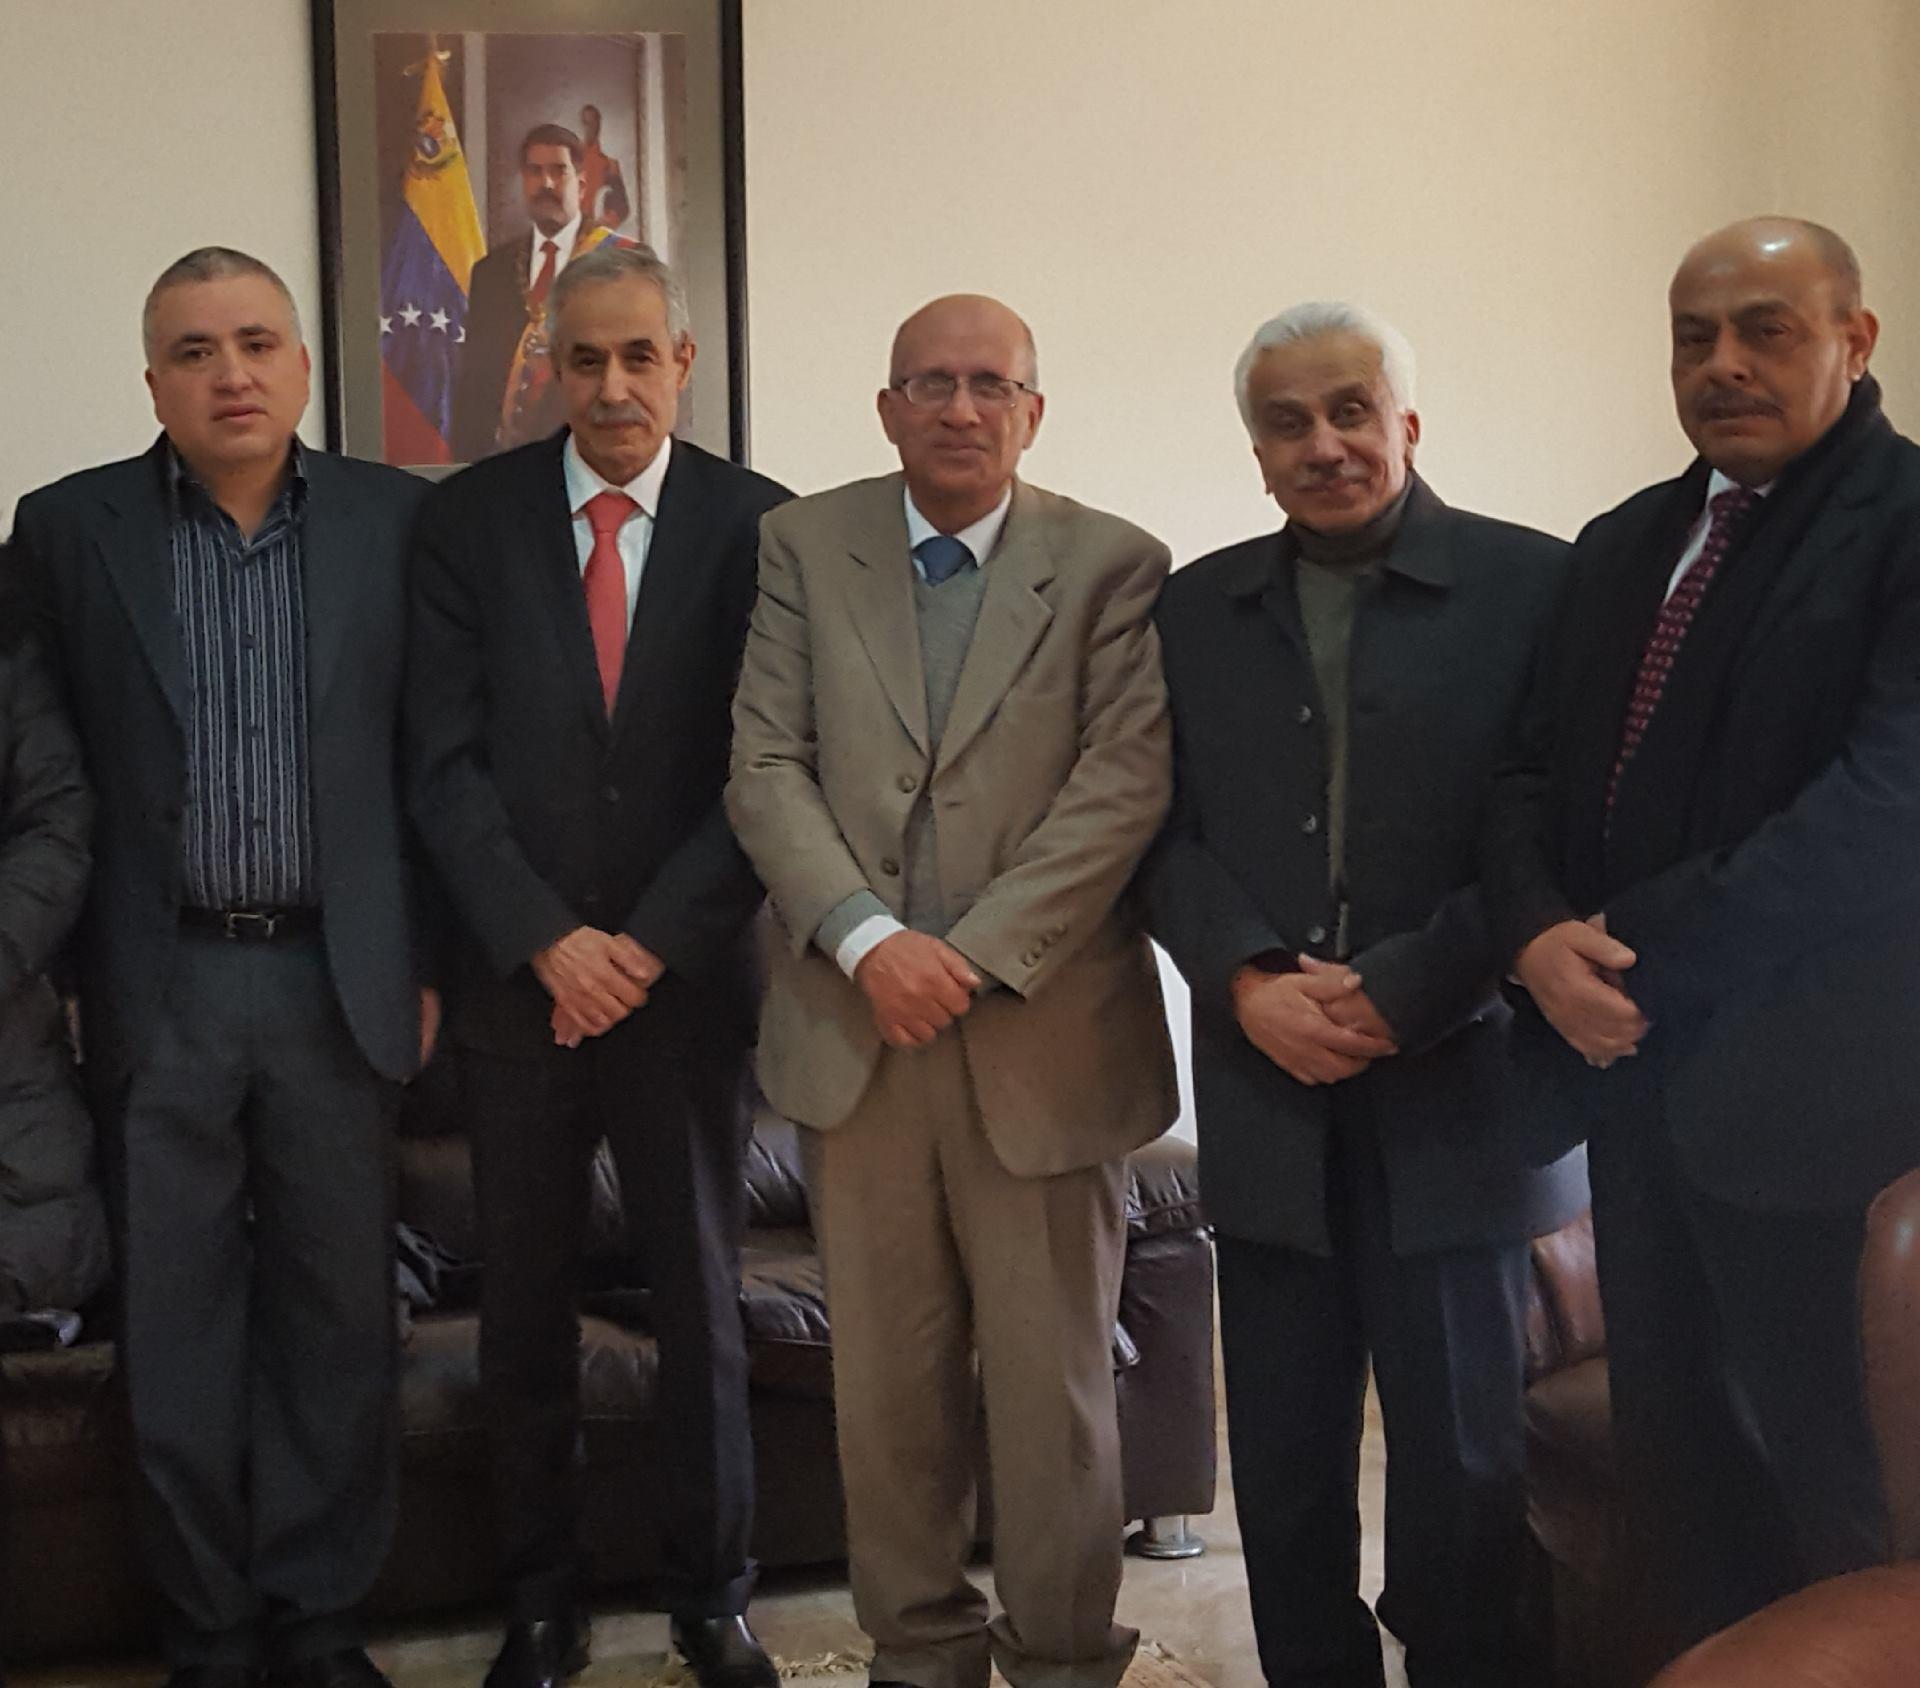 زيارة تضامنية مع القيادة والشعب الفنزويلي الصديق الثلاثاء 29–1–2019.